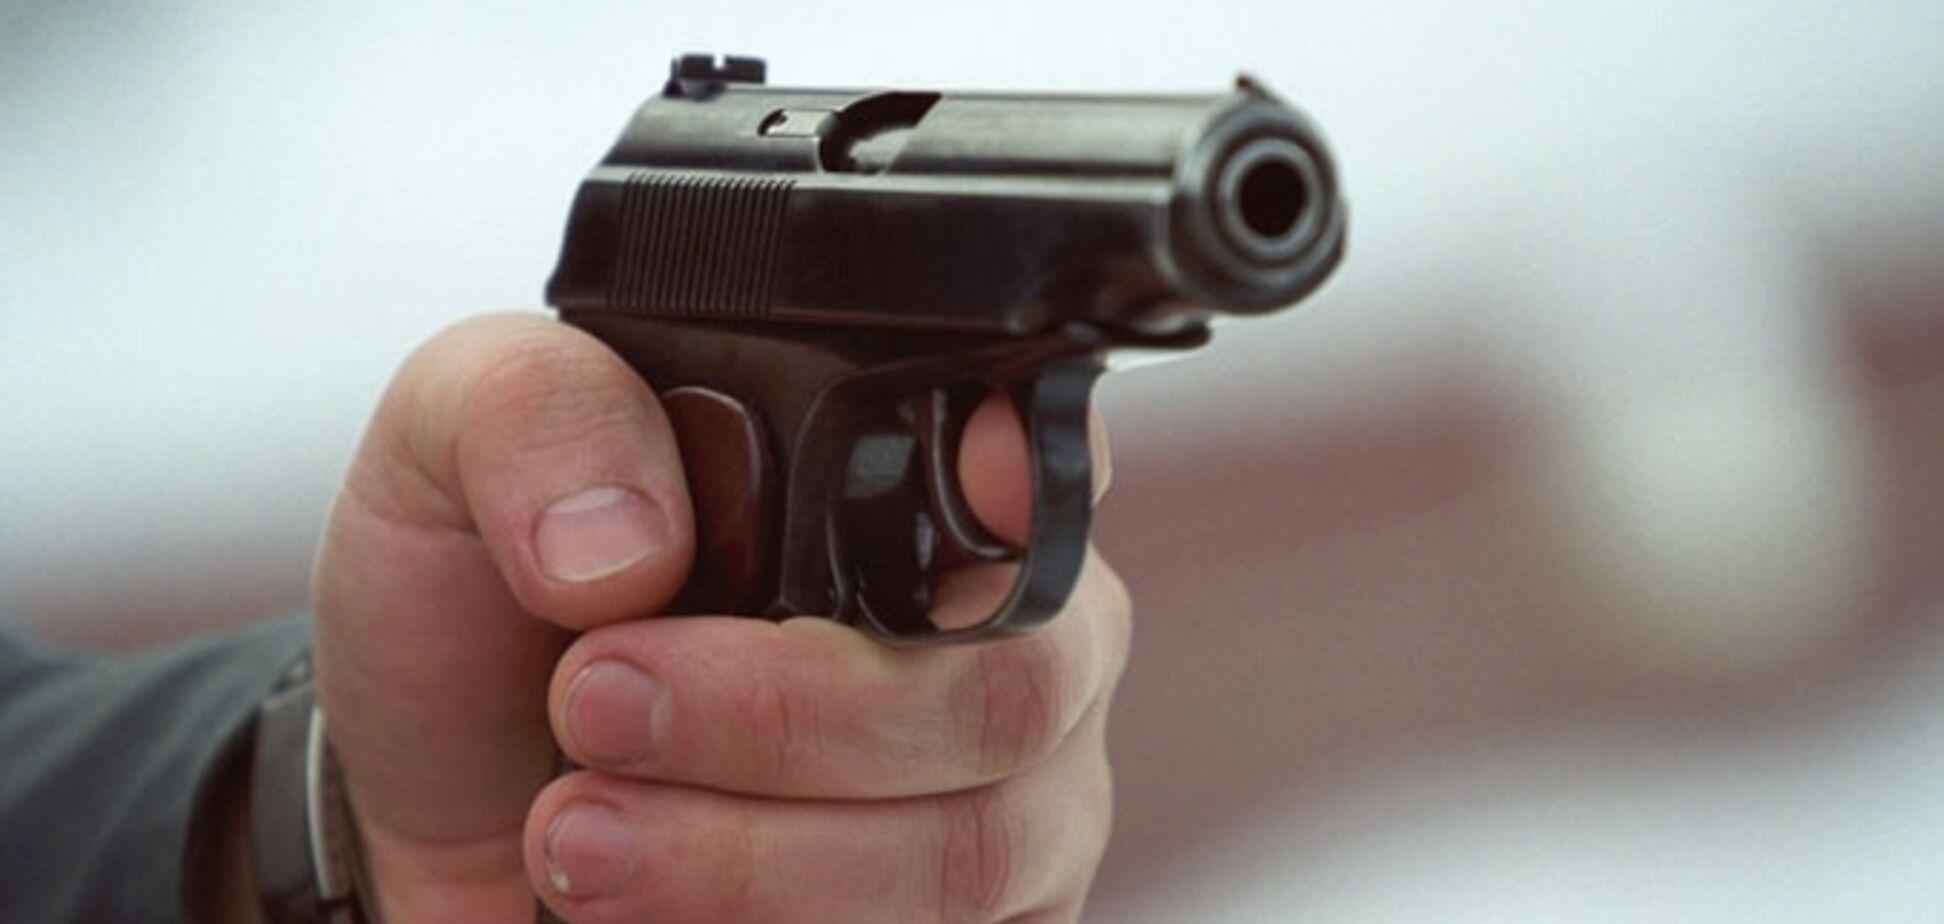 Под Киевом полицейские стреляли в ребенка: всплыли скандальные подробности